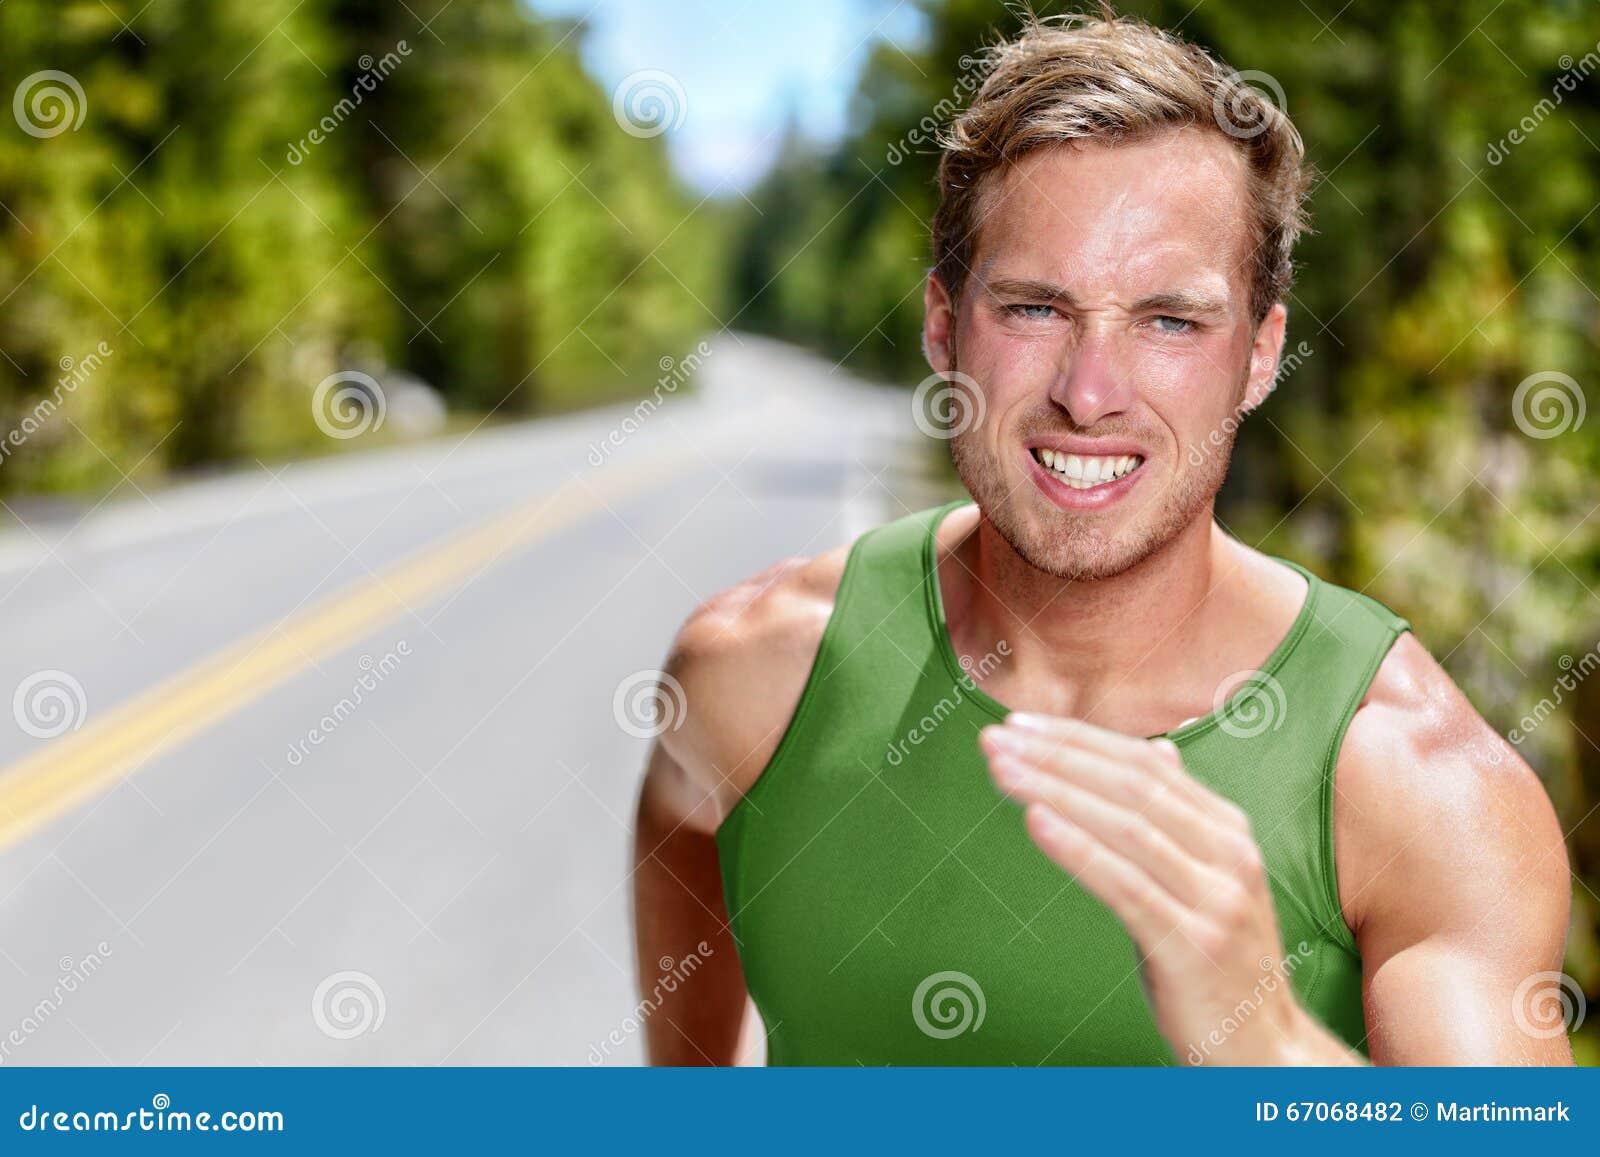 Athletenläufer auf intensivem Herz laufendem Training